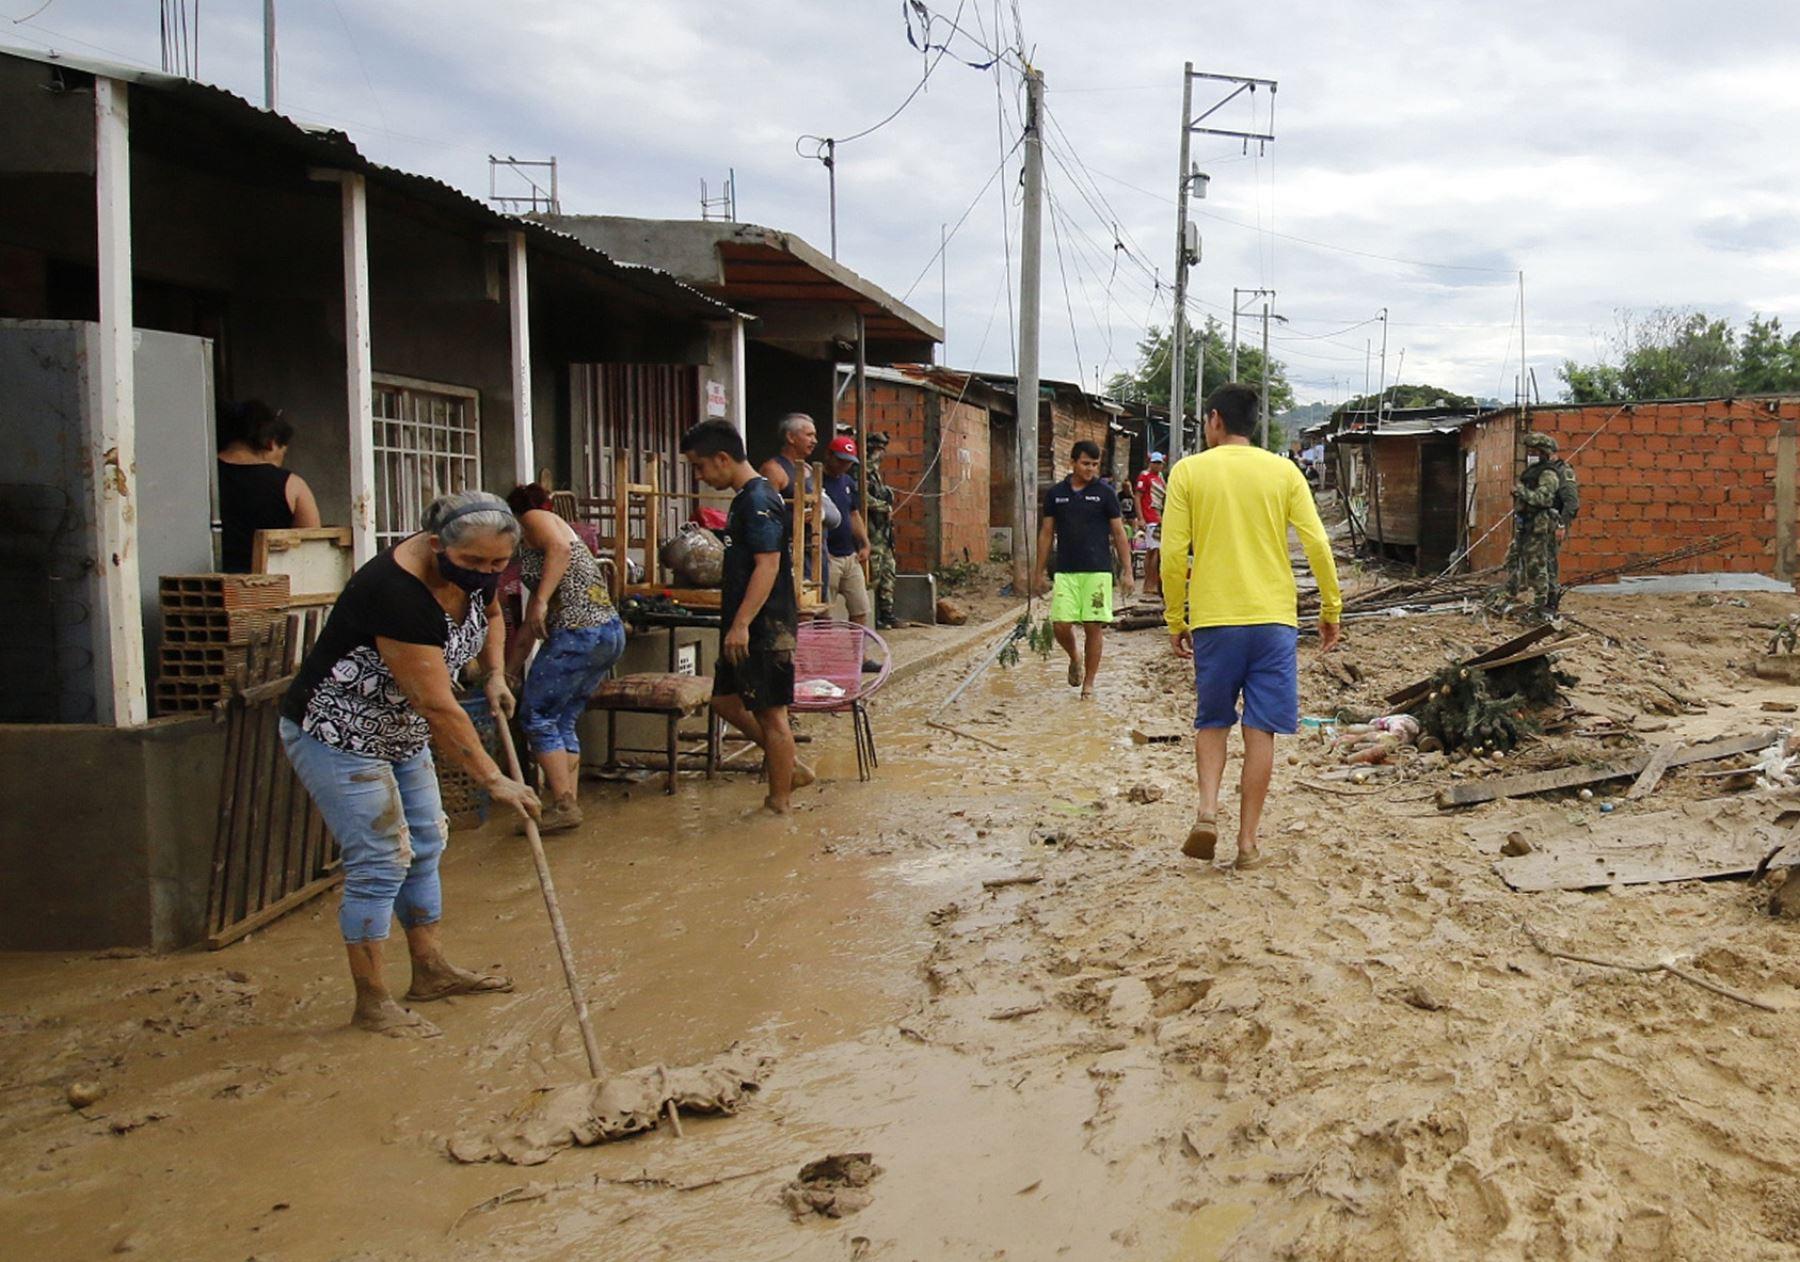 colombia-declara-situacion-de-desastre-en-islas-arrasadas-por-huracan-iota